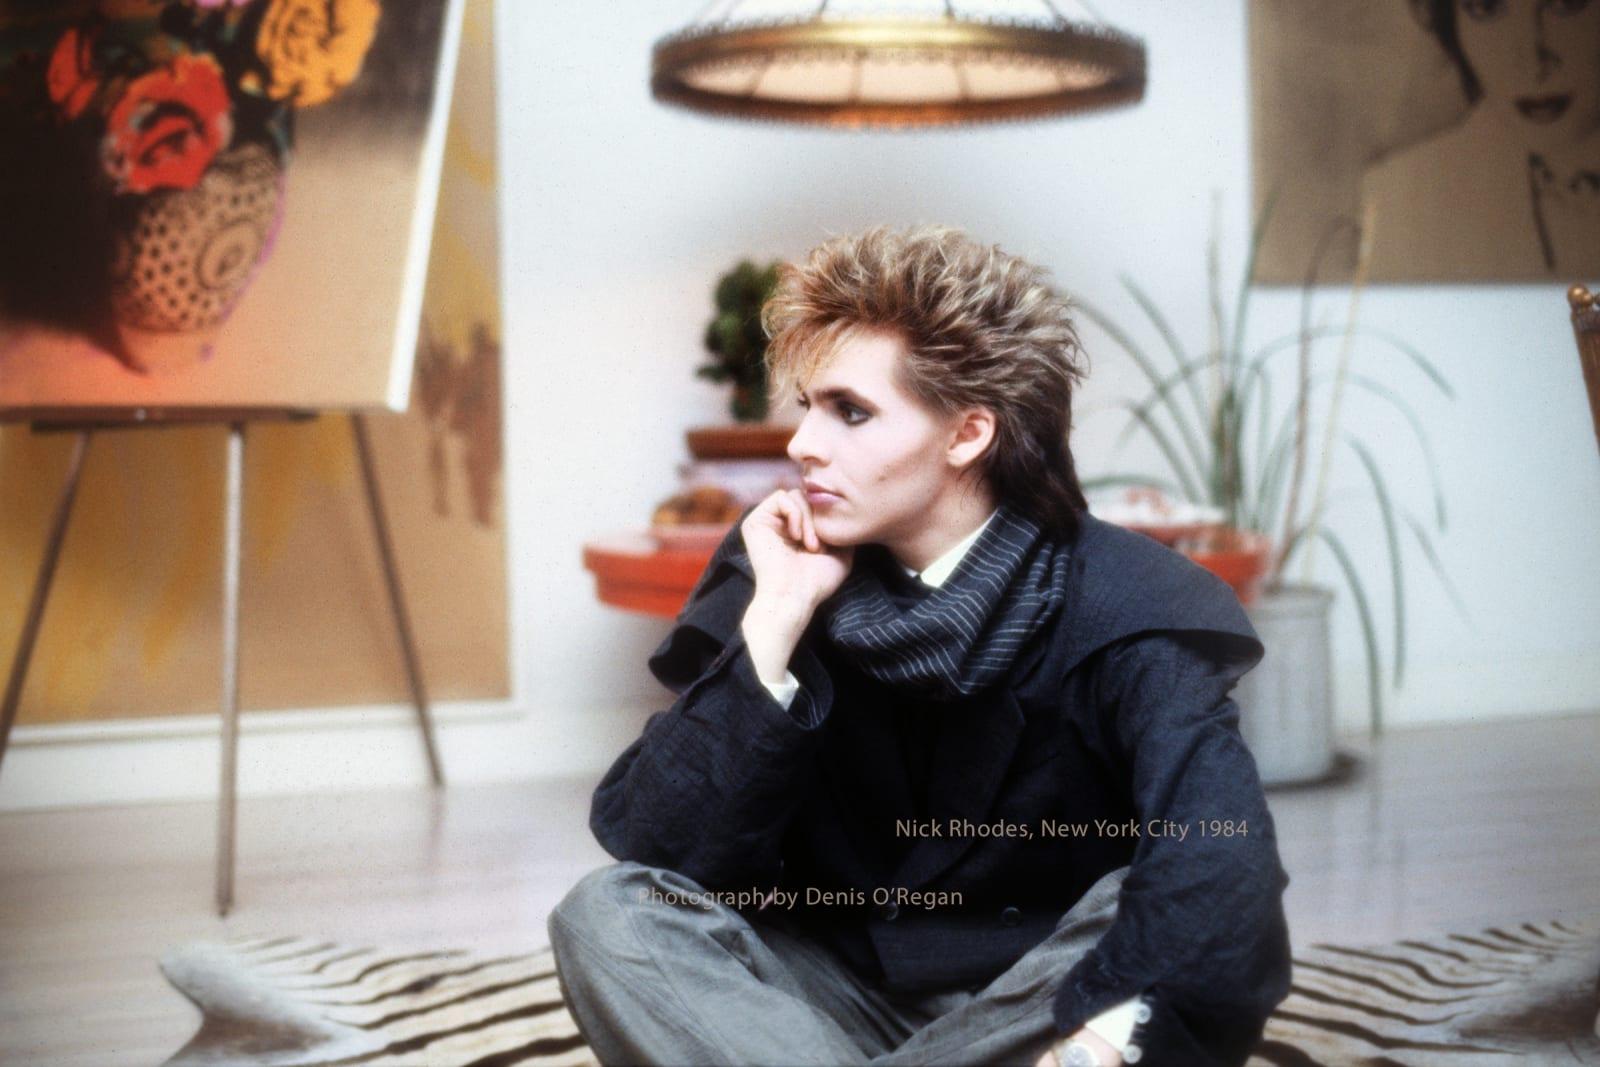 DURAN DURAN, Nick Rhodes New York City, 1984